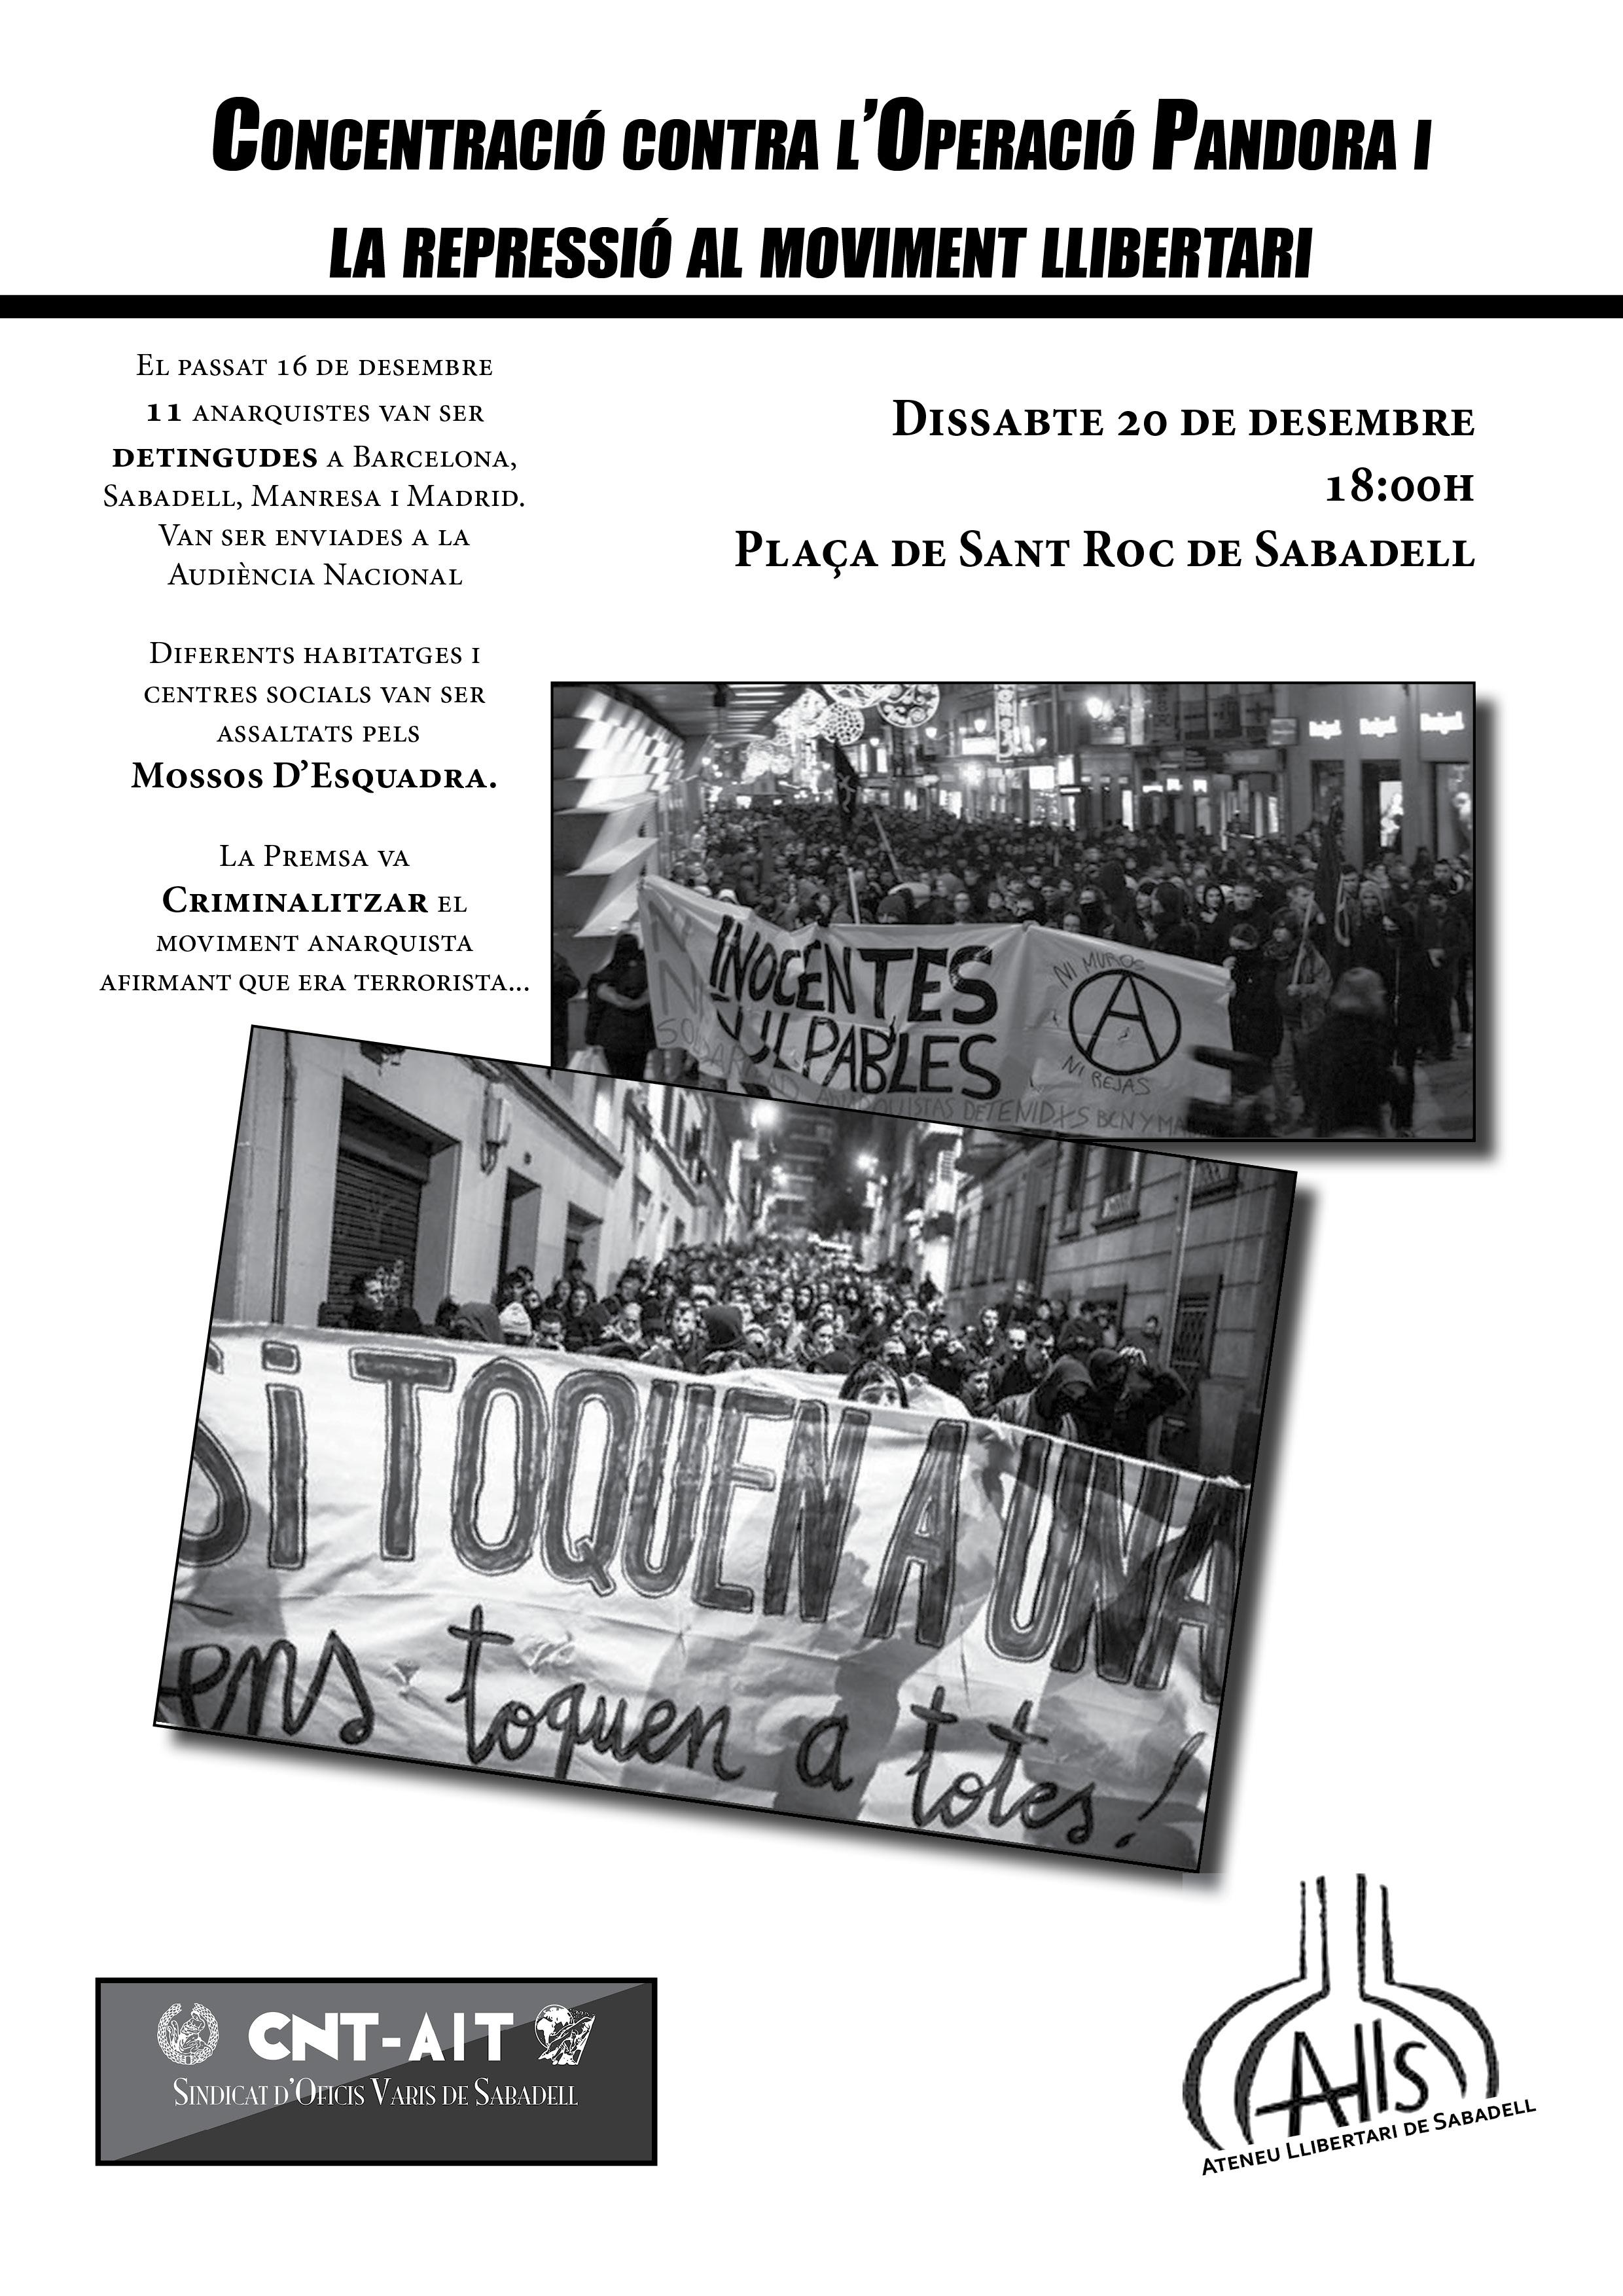 [Sabadell] Concentració contra l'operació Pandora i la repressió al moviment llibertari